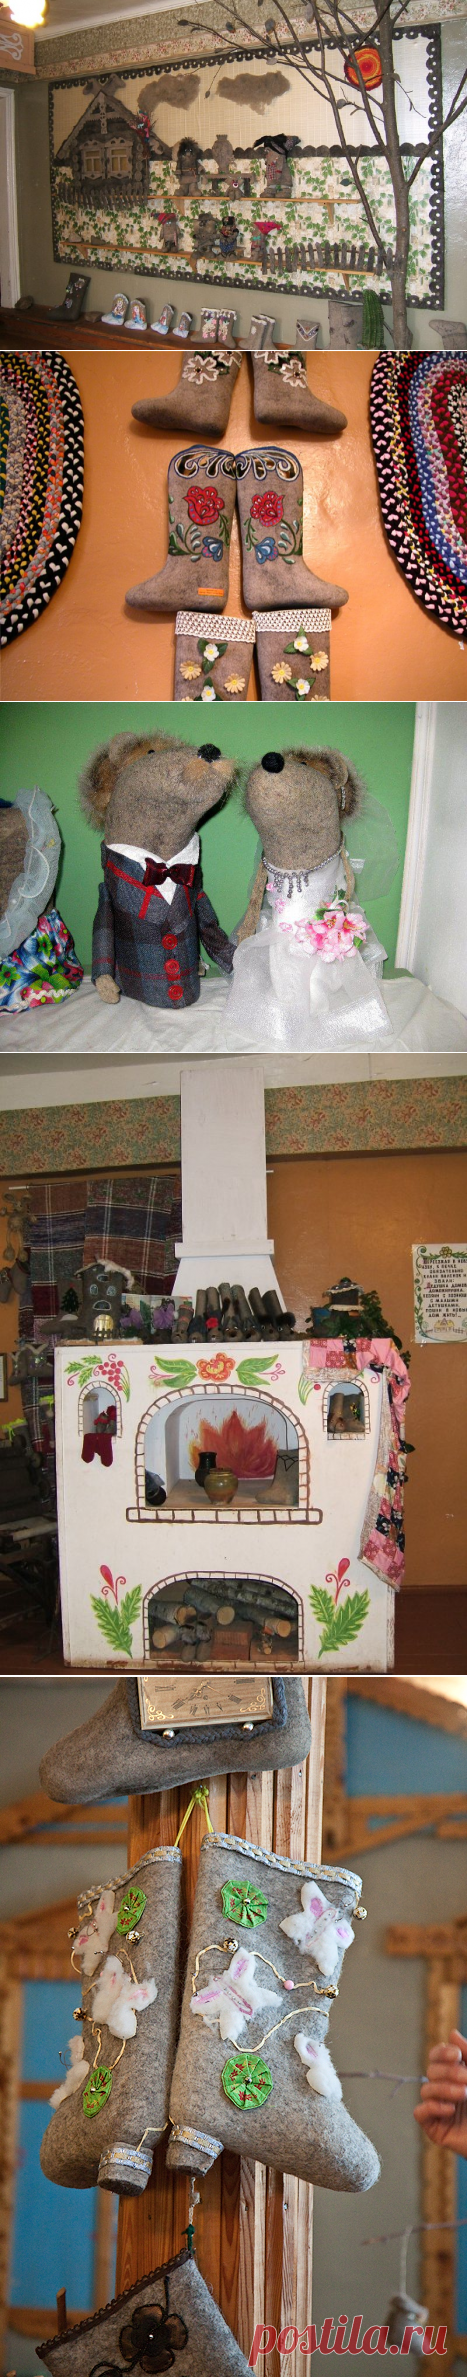 Музей валенок в городе Мышкин (34 фото)